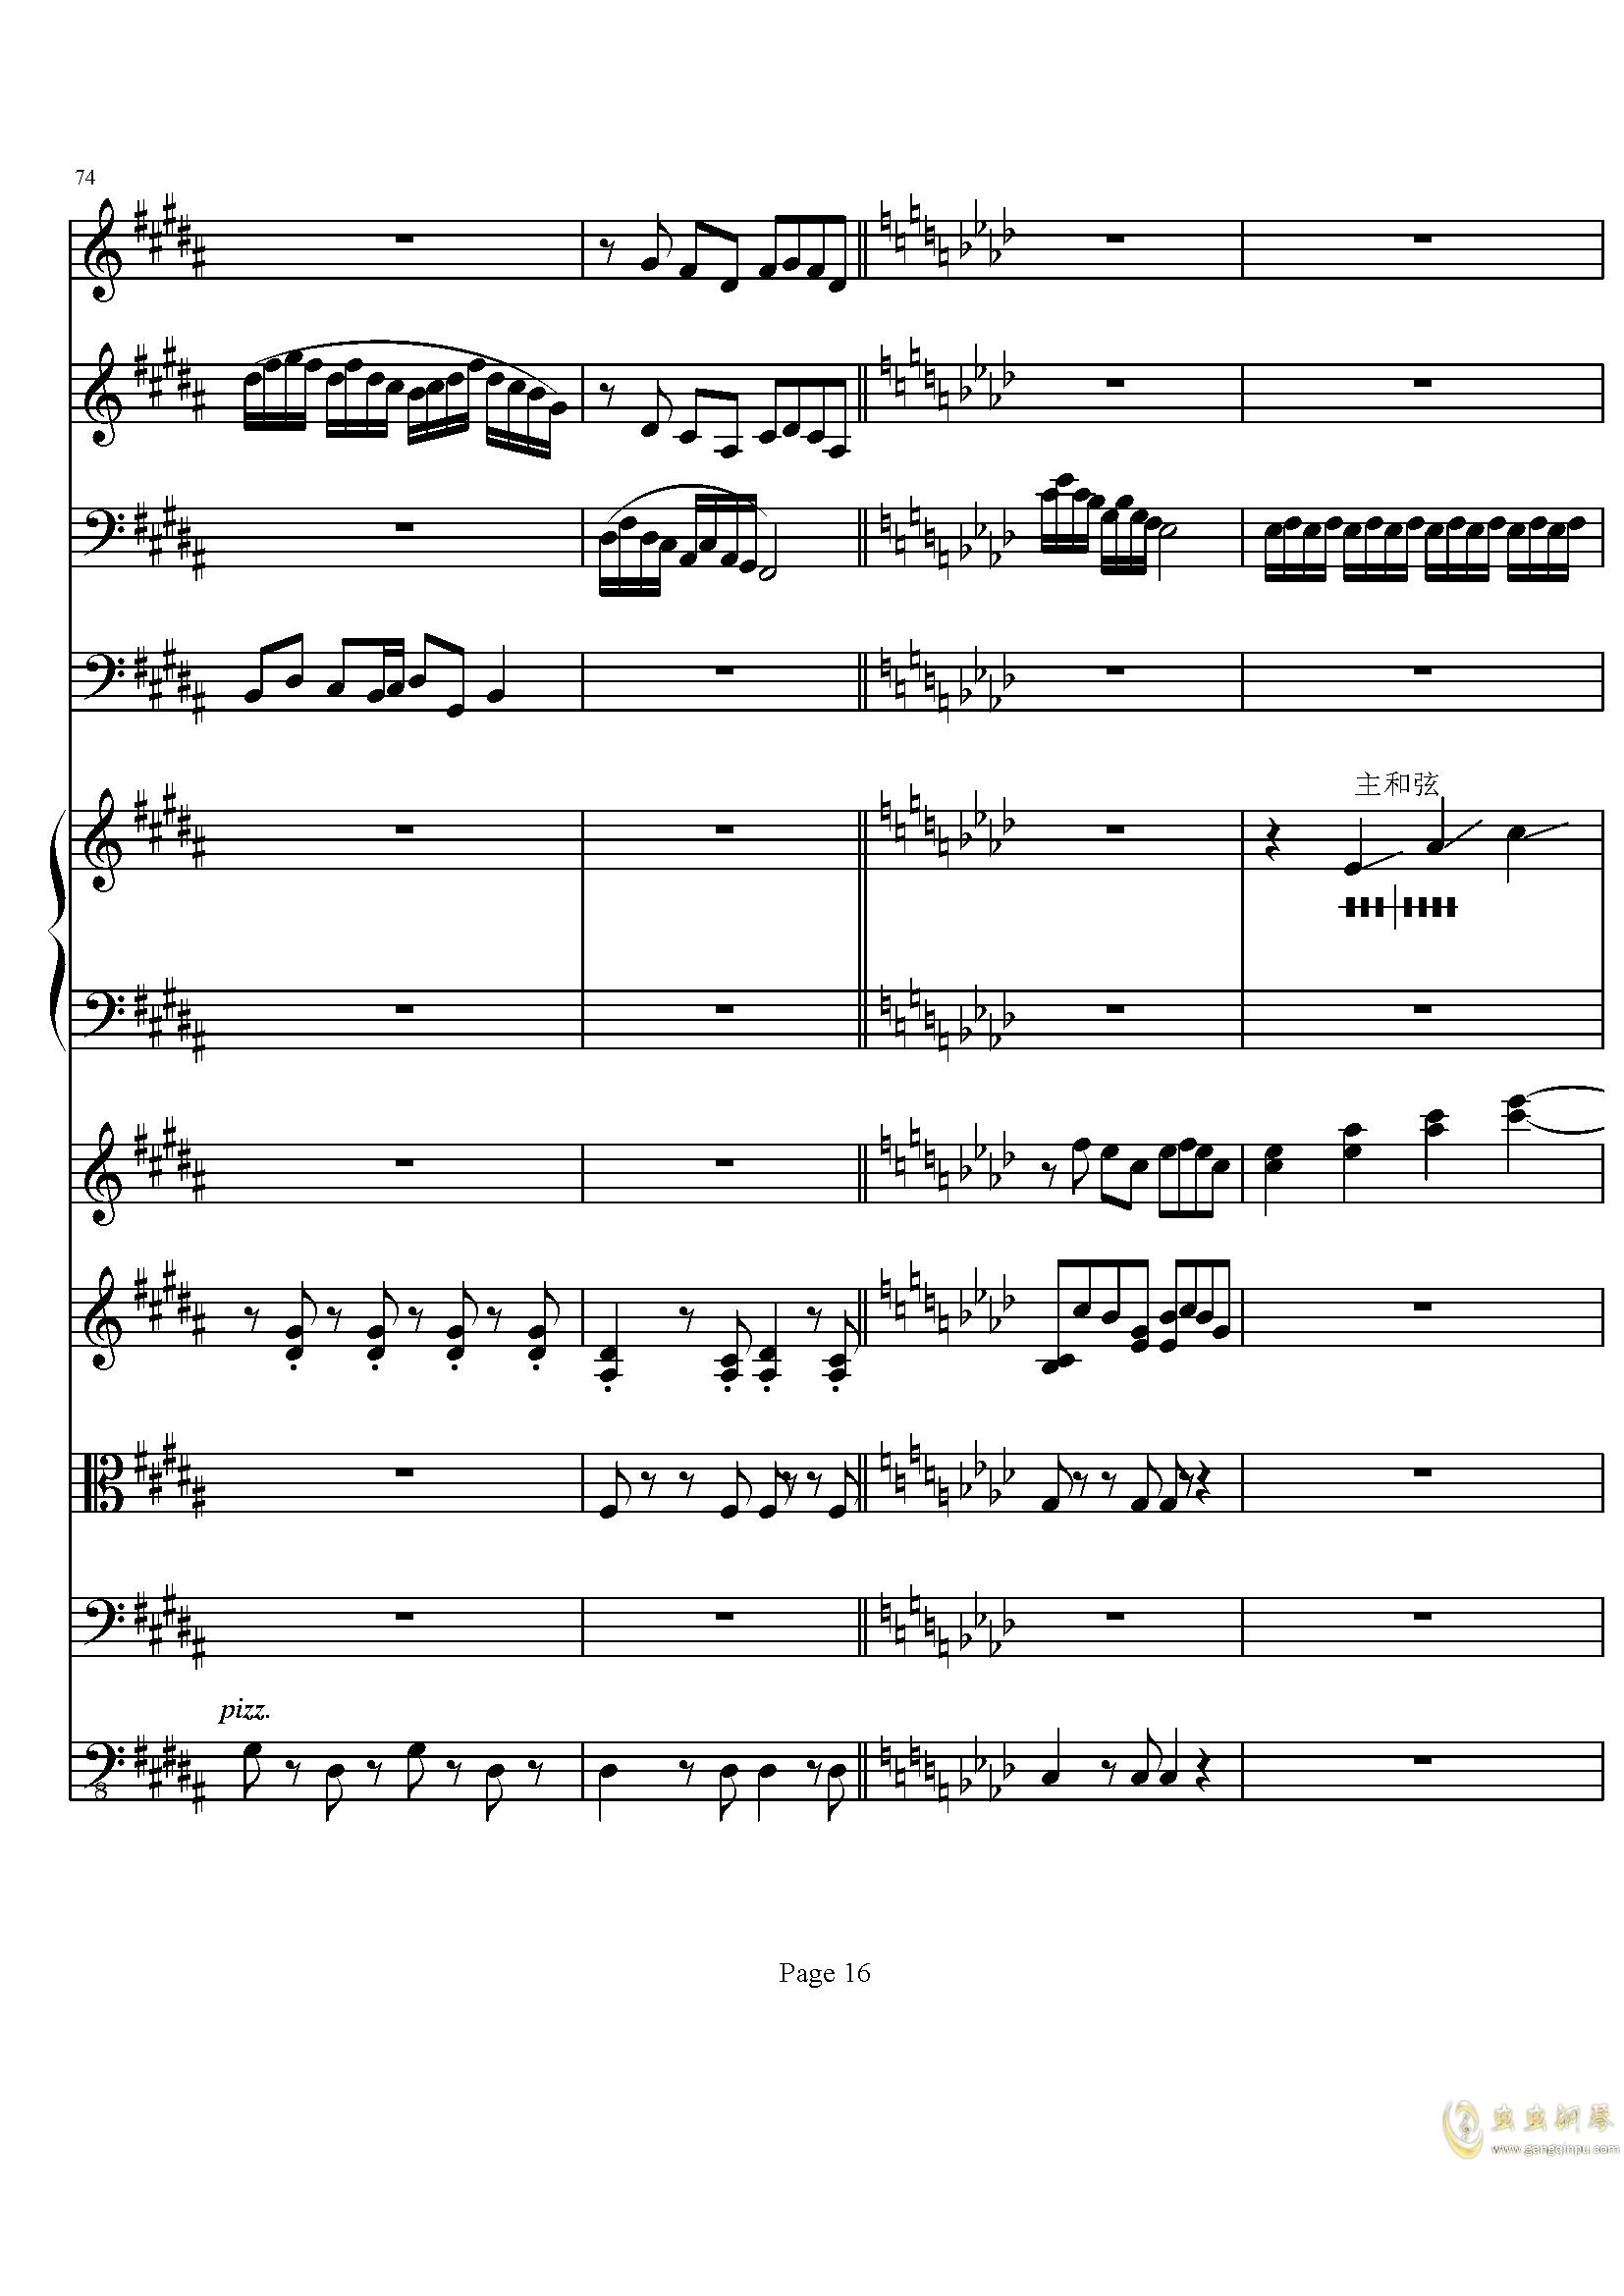 音诗钢琴曲九级谱子-一个女孩的梦 钢琴谱,交响诗 一个女孩的梦 钢琴谱网,交响诗 一个